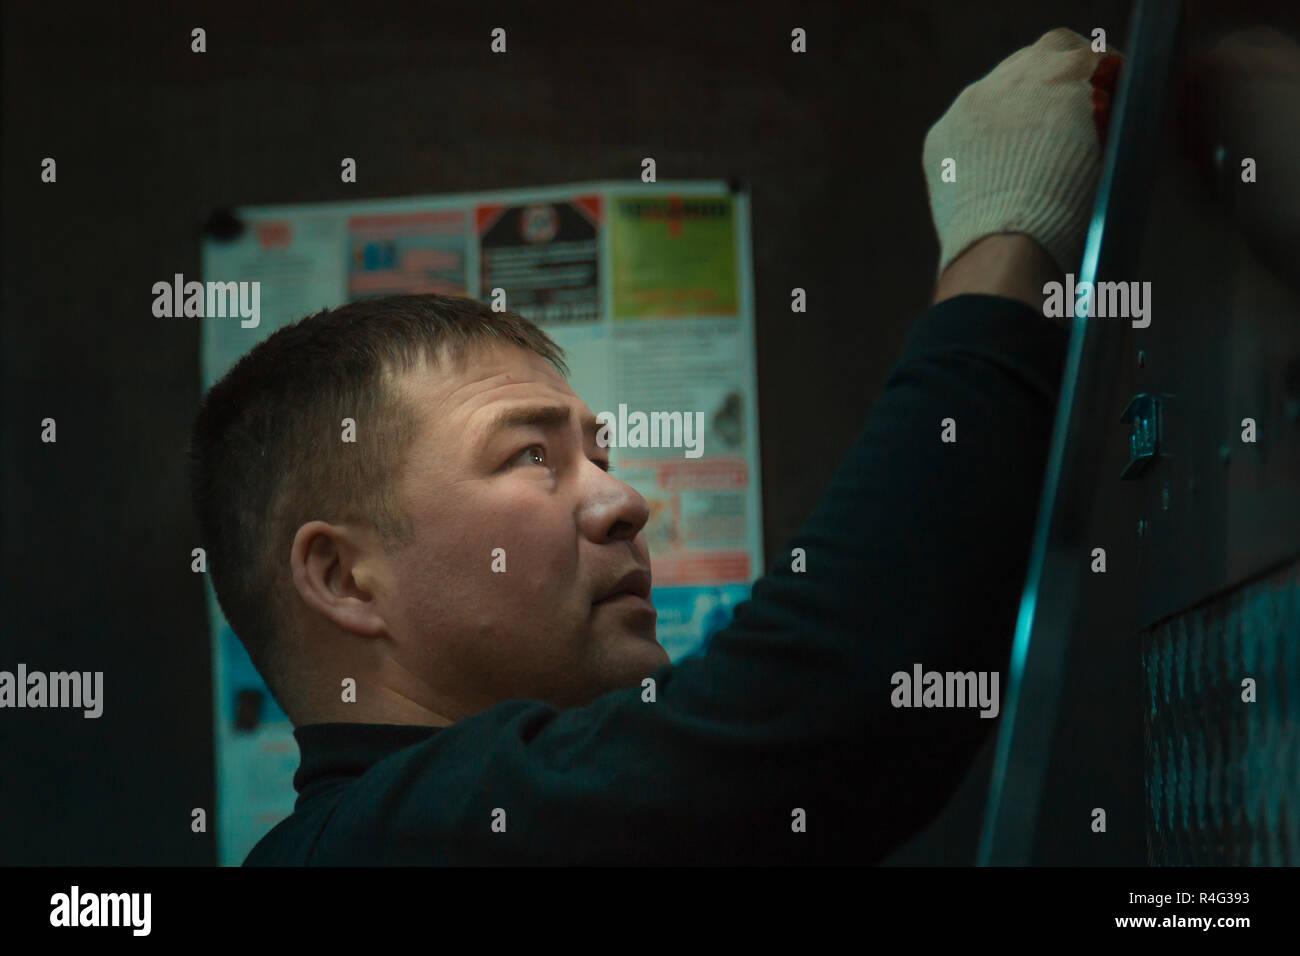 Ritratto di un giovane uomo in guanti durante il lavoro Immagini Stock